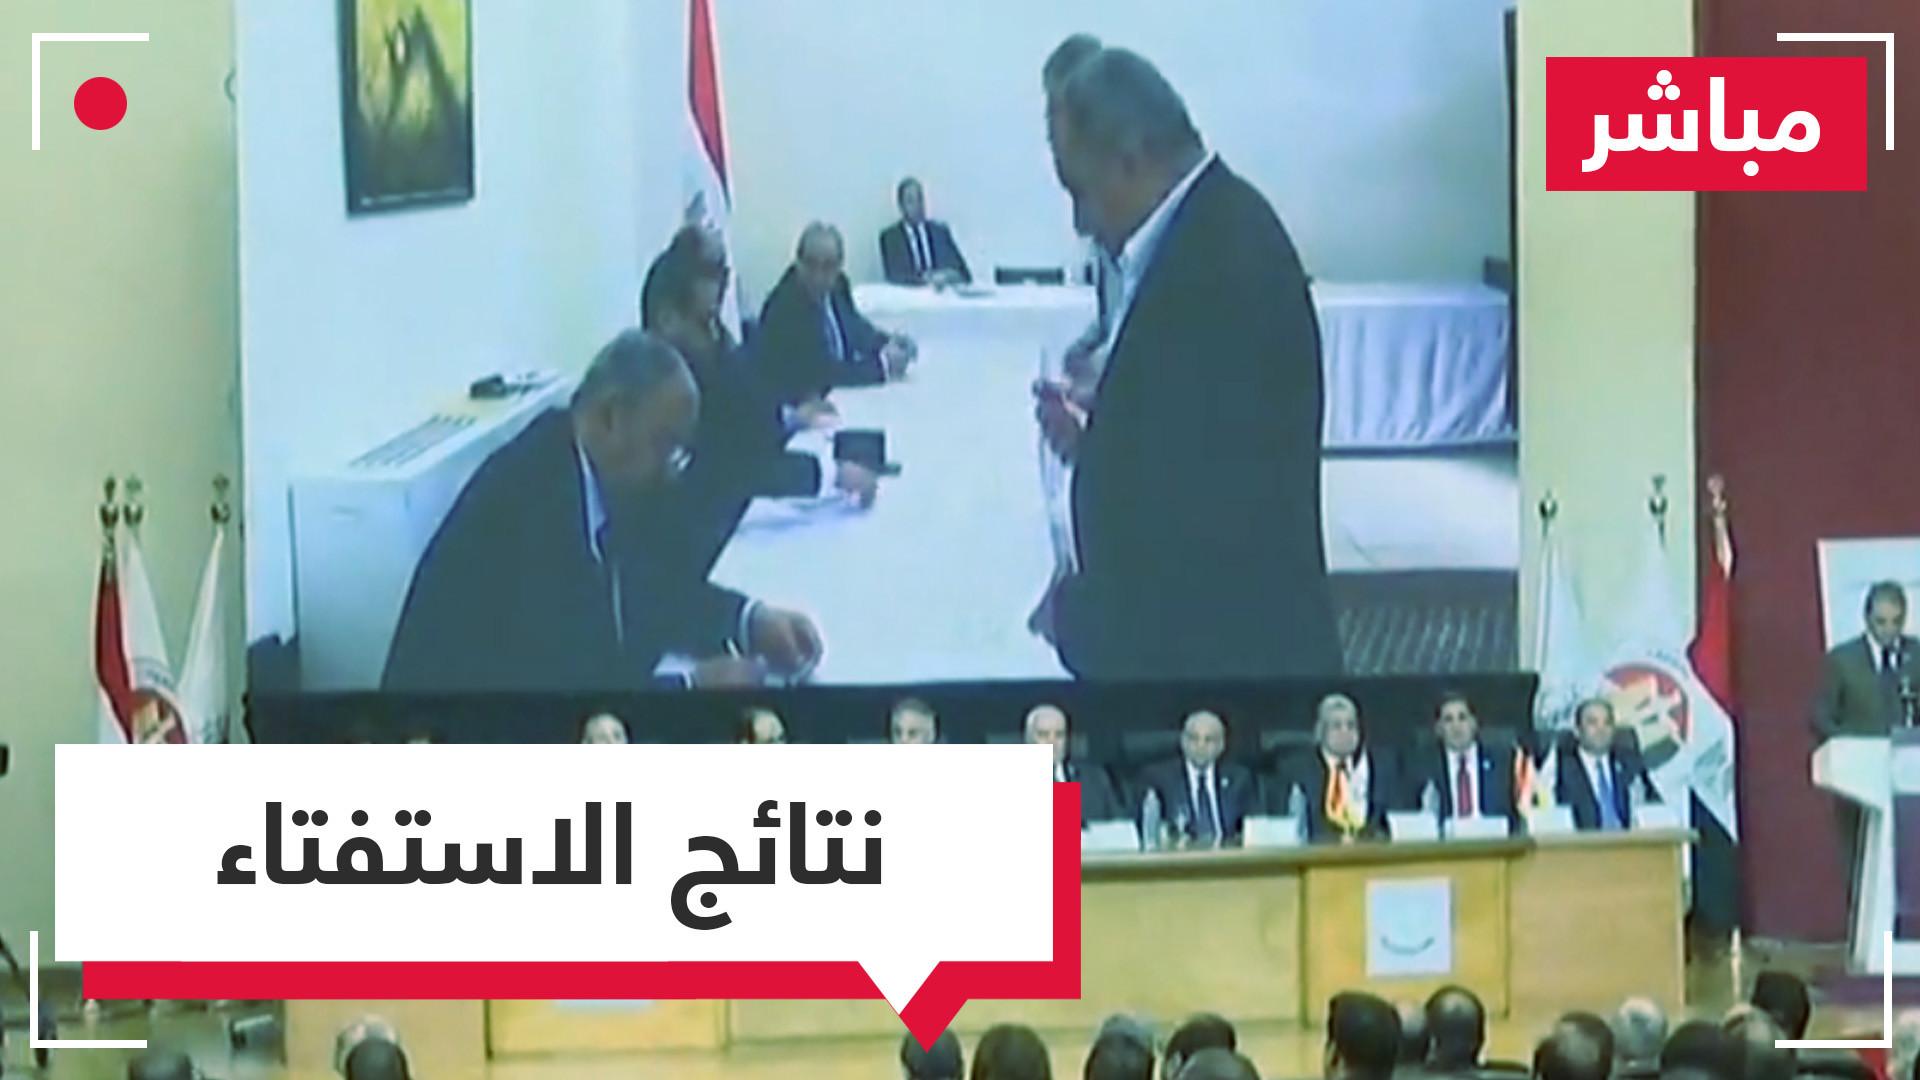 مباشر من القاهرة.. إعلان نتائج الاستفتاء على التعديلات الدستورية.. هل سيبقى السيسي حتى 2030؟